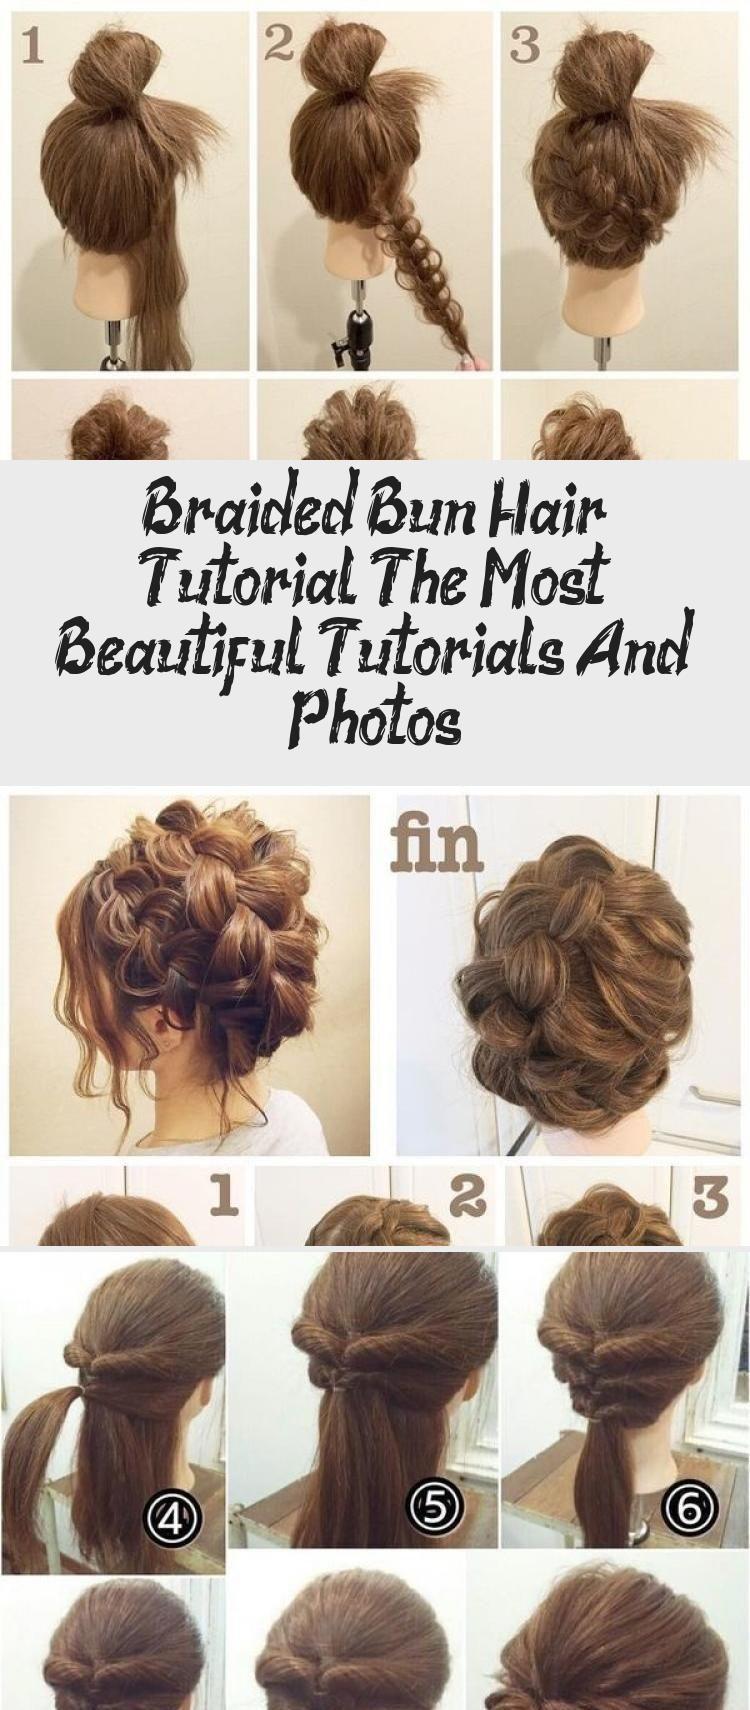 Braided Bun Hair Tutorial The Most Beautiful Tutorials And Photos Beautiful Braided Photos Tutorial In 2020 Hair Tutorial Hair Bun Tutorial Bridal Hair Tutorial